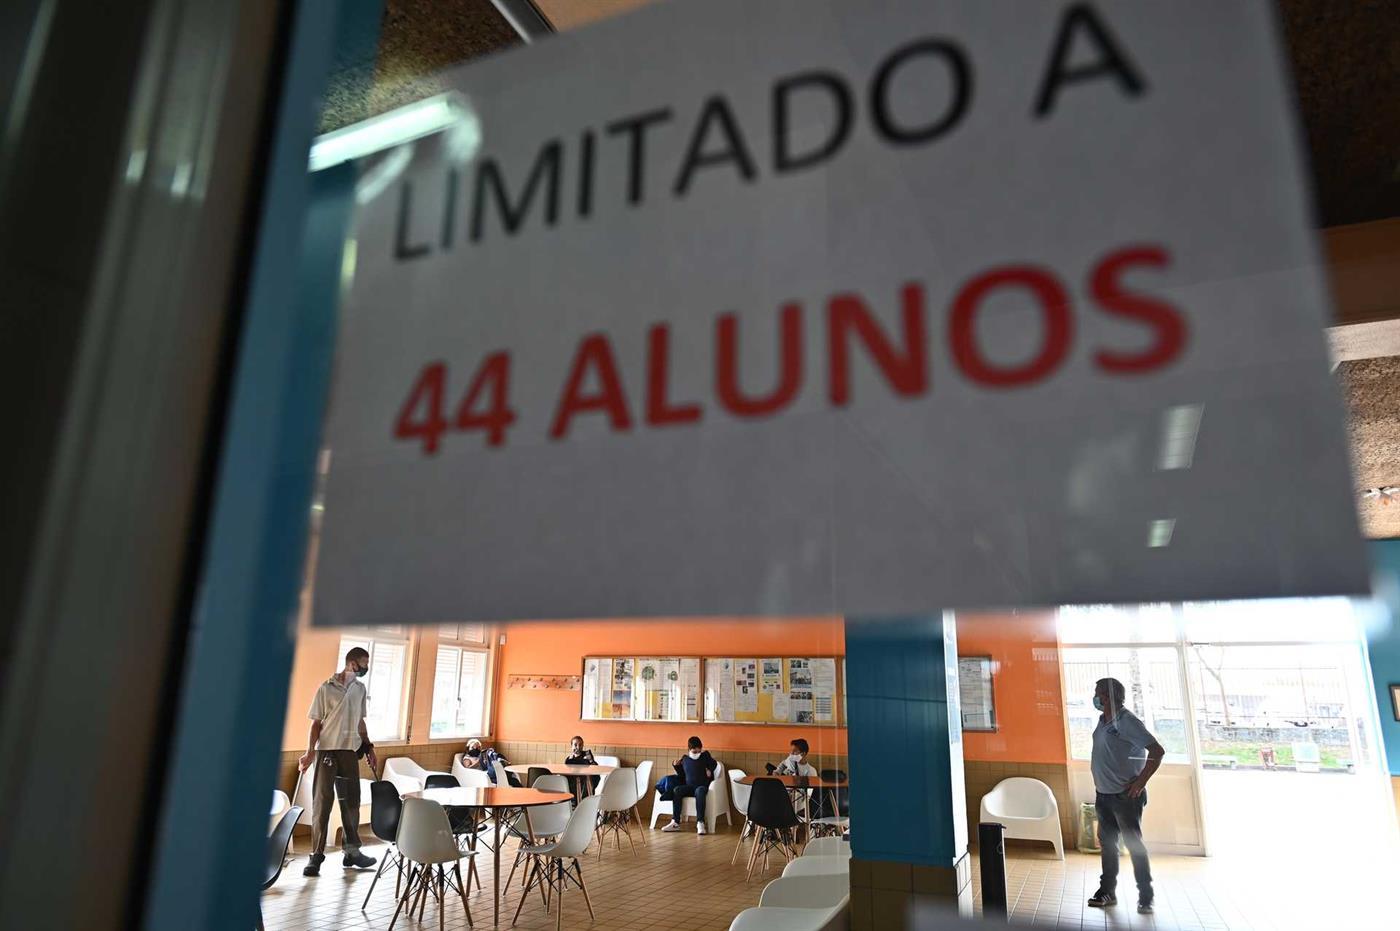 Na escola EB 2/3 Cego do Maio a sala de convívio tem agora uma capacidade máxima de 44 alunos.